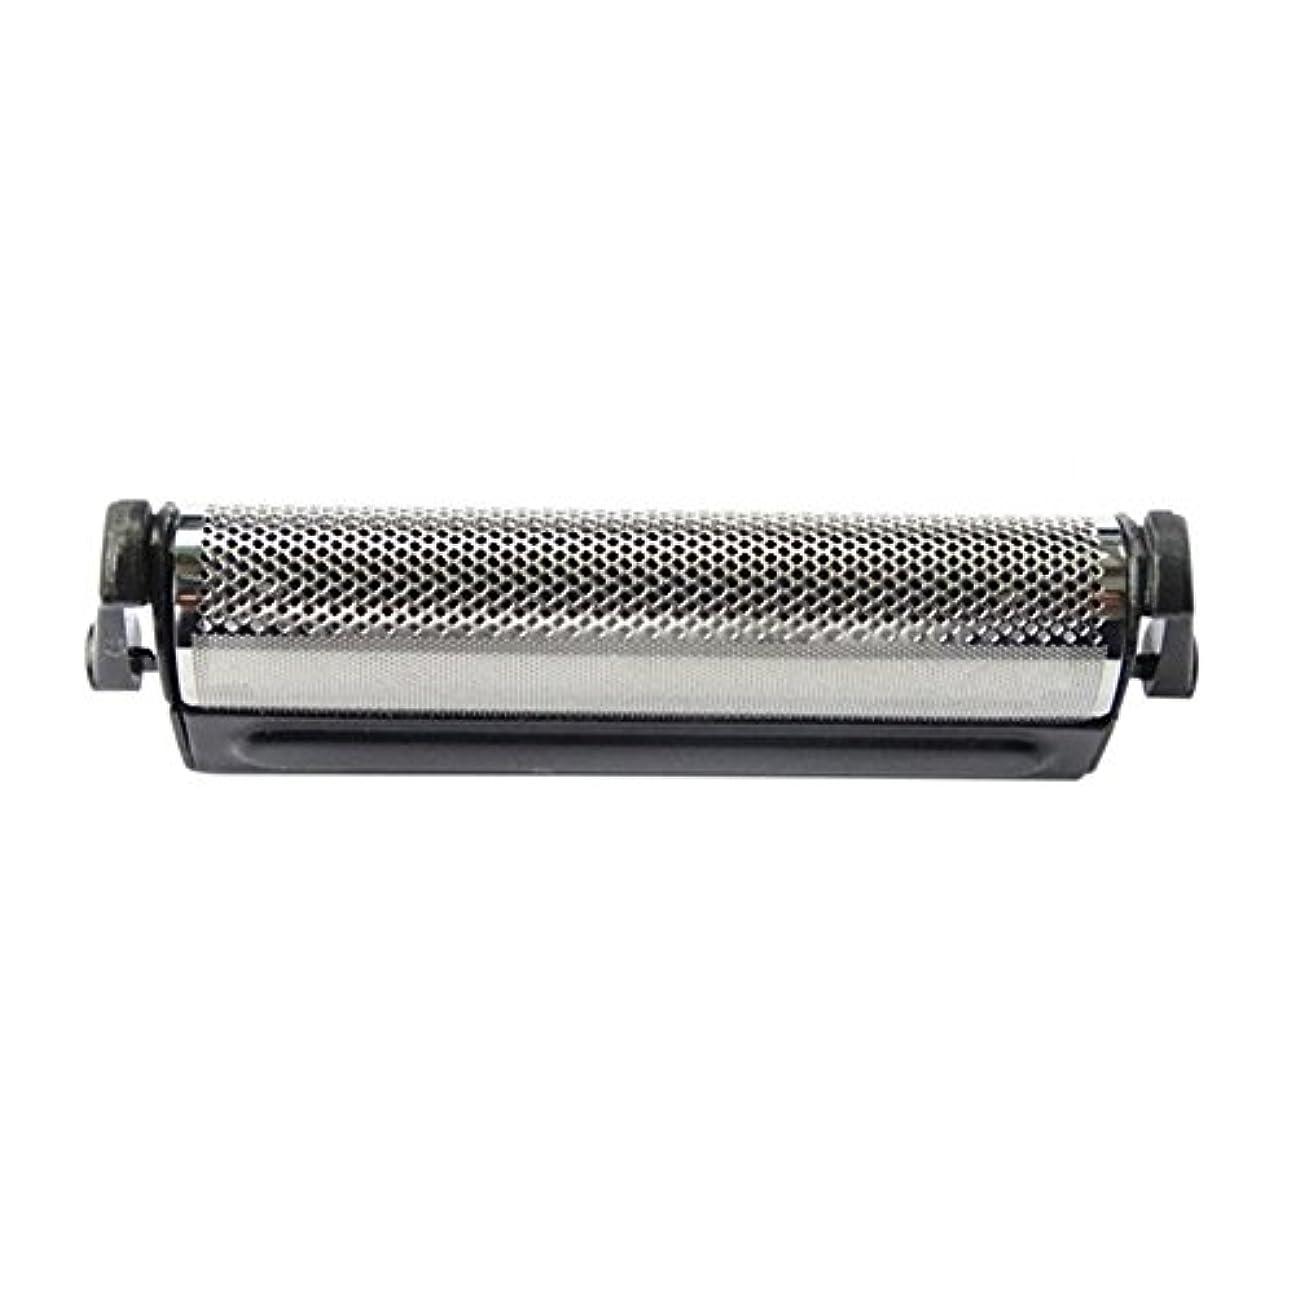 ジャンク耐久良さHZjundasi シェーバー剃刀 Outer ホイル for Panasonic ES518/RC20/5821/5801 ES9933C